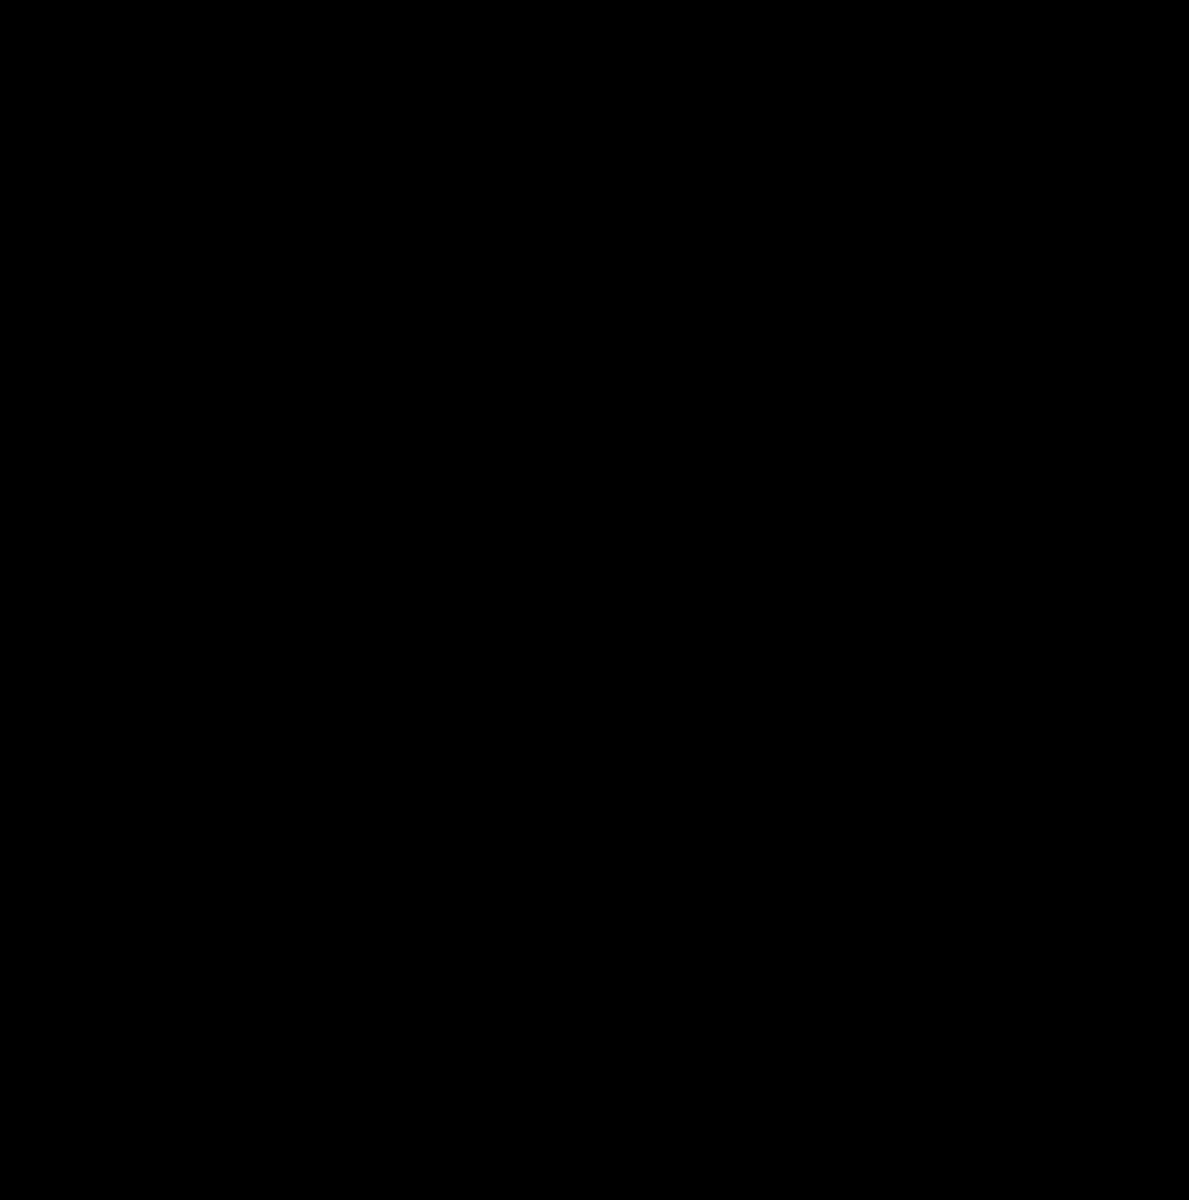 ヘ音記号のイラスト / Bass clef Illustration